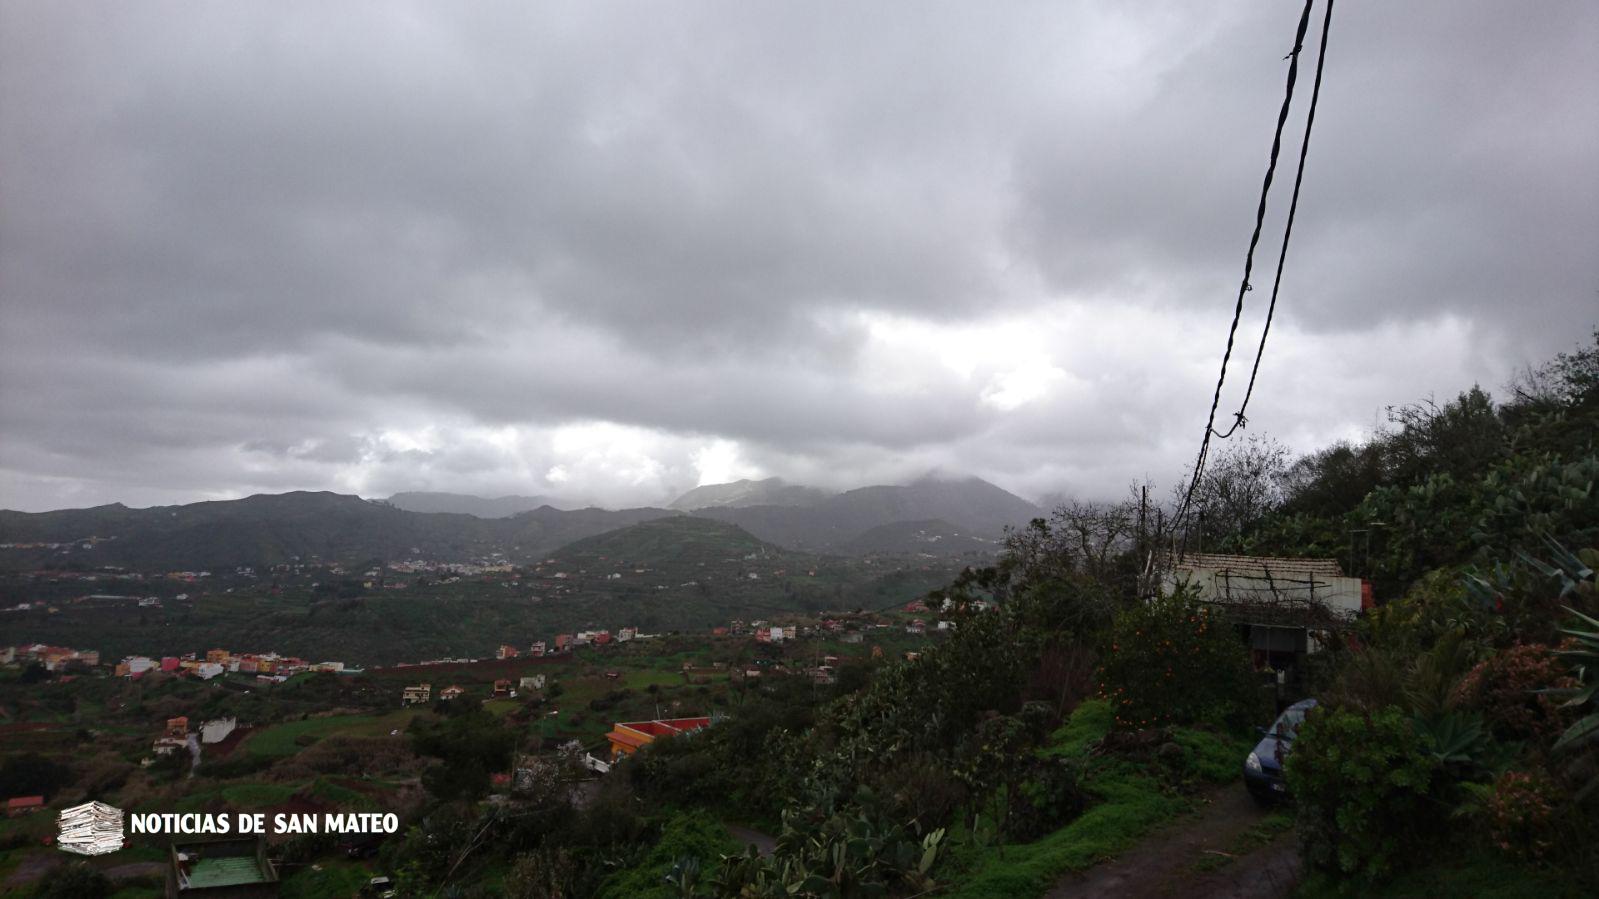 Tiempo en Medianias desde El Piquillo 27 enero de 2018